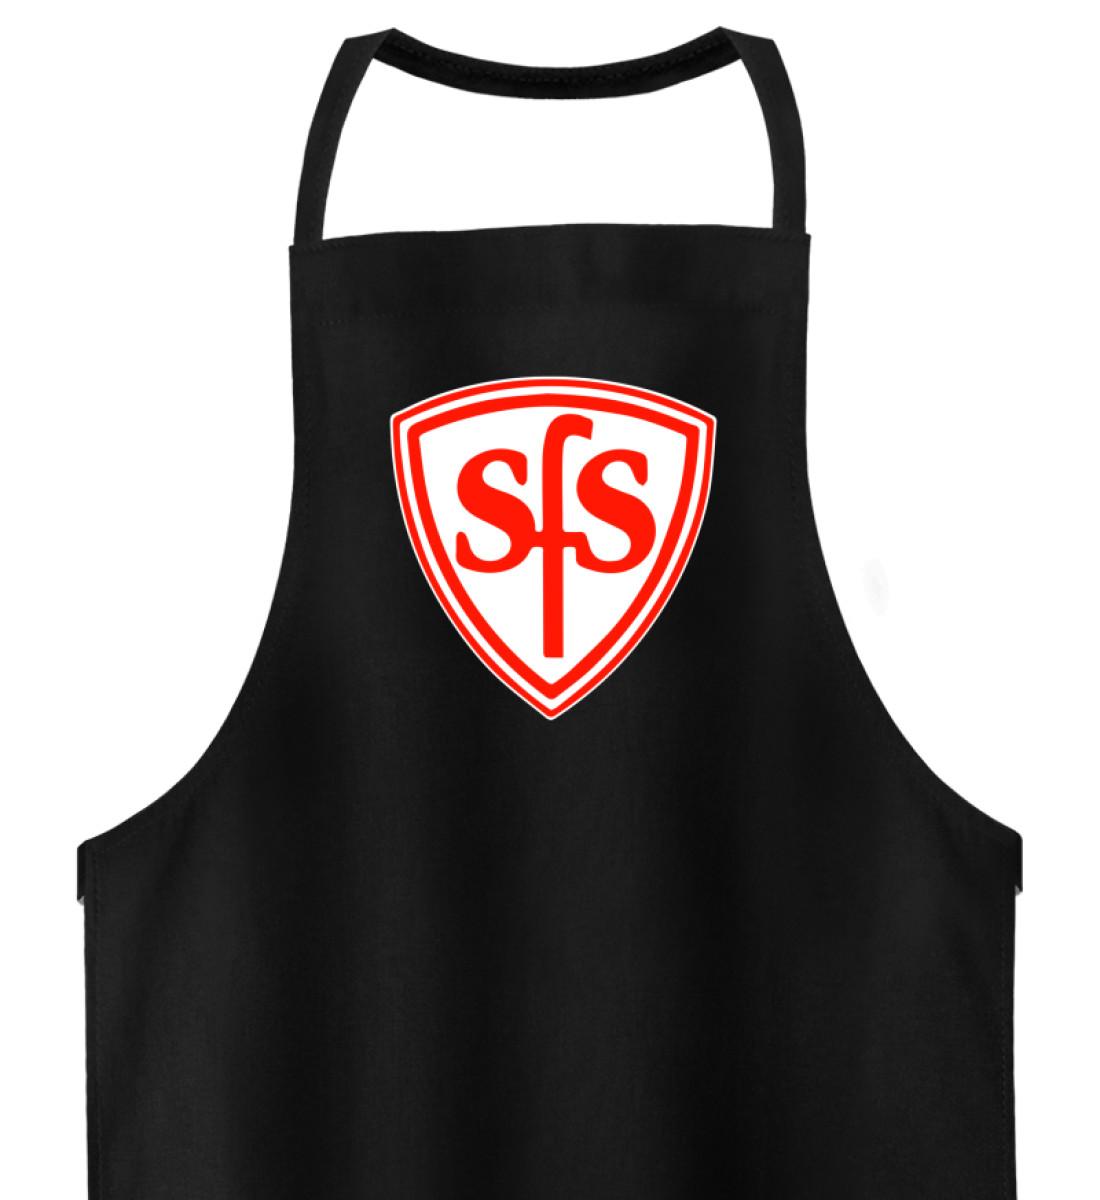 Sportfreunde Sennestadt - Hochwertige Grillschürze-16